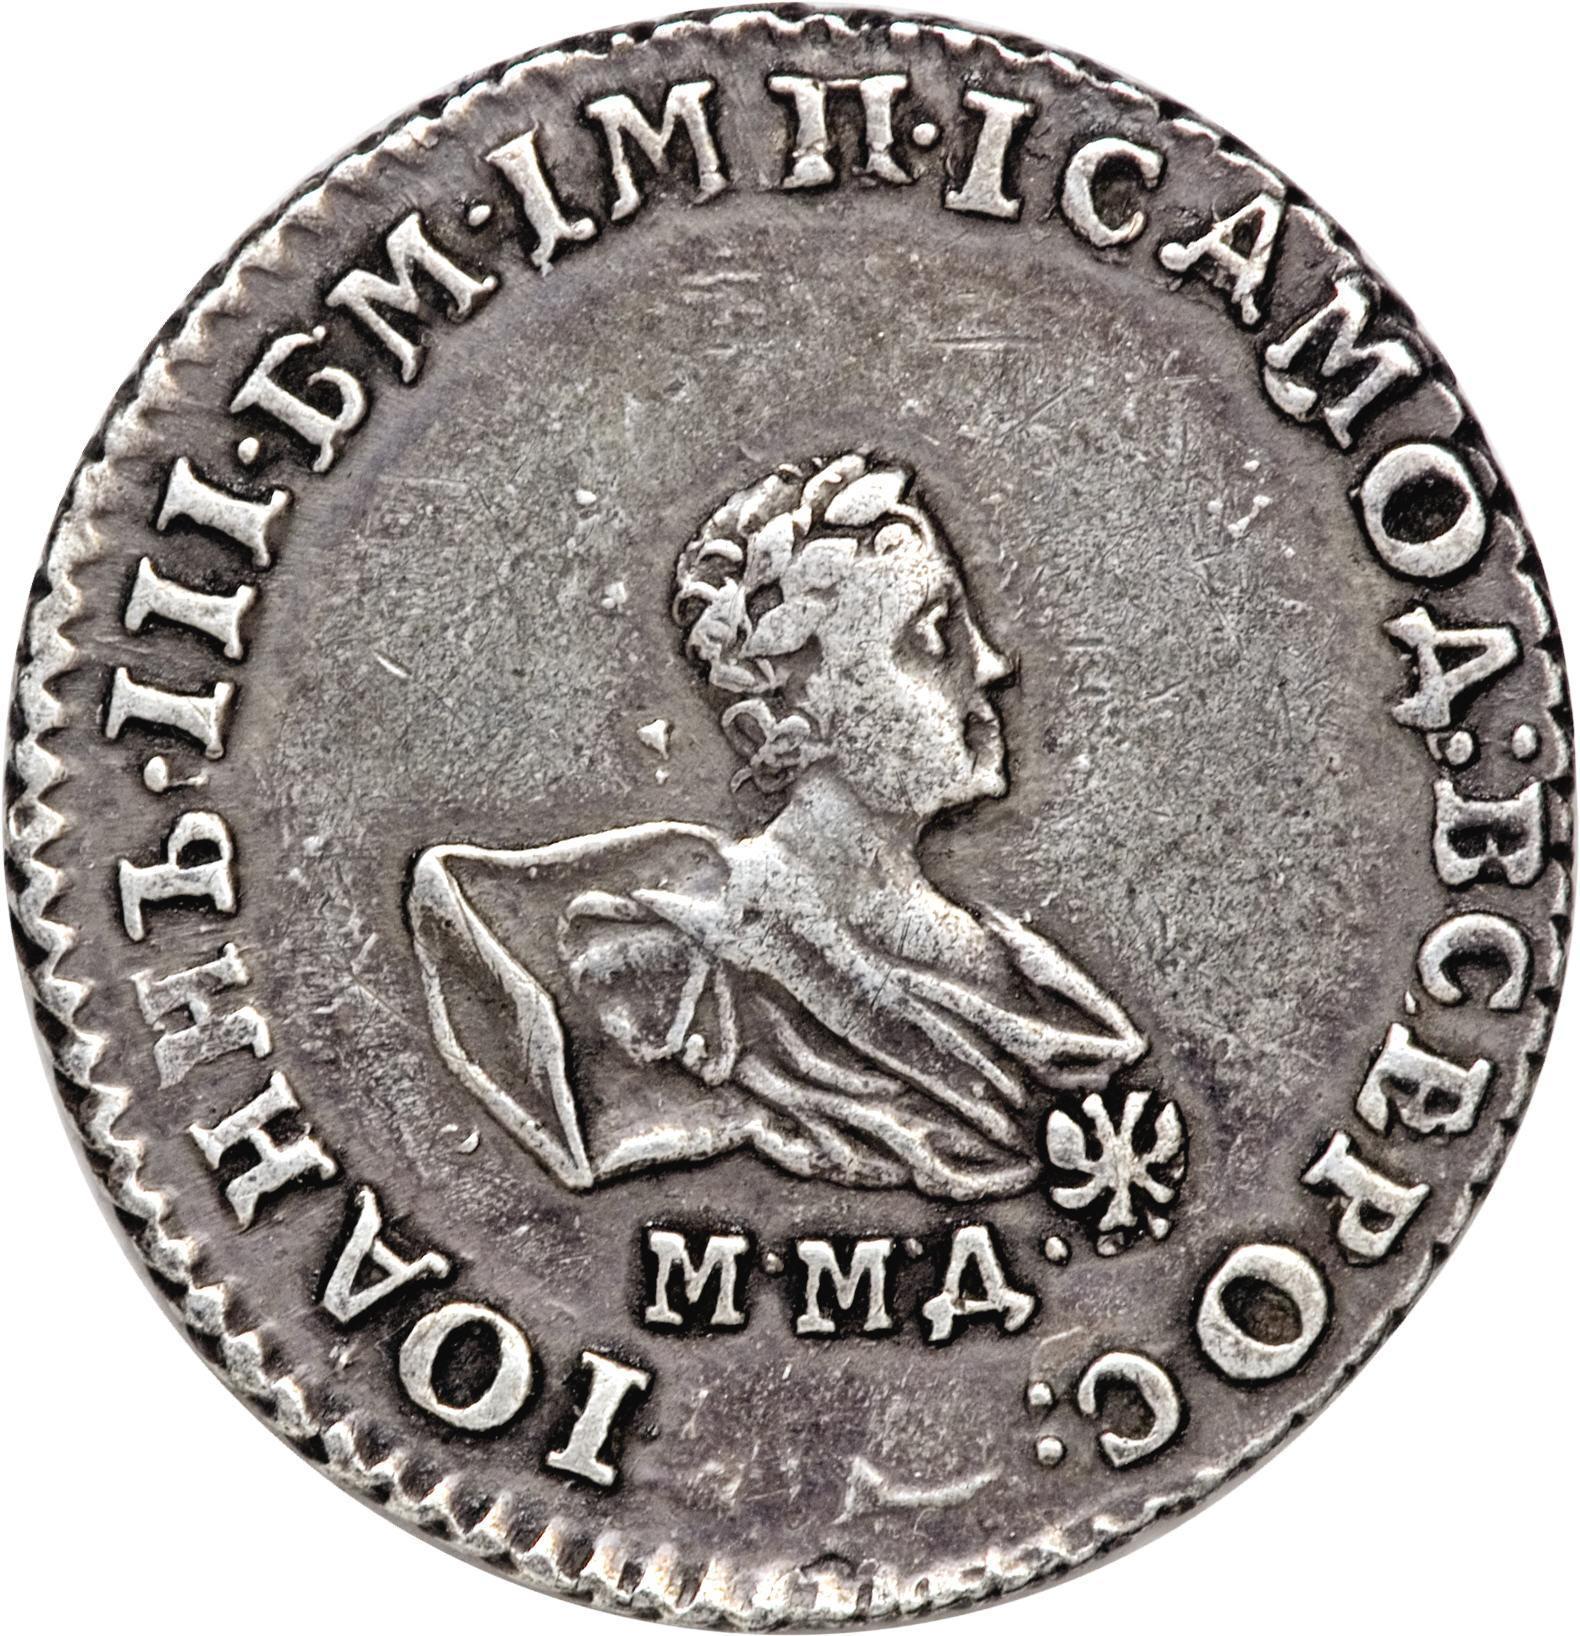 Гривенник 1741 г. ММД. Иоанн Антонович. Написание легенды